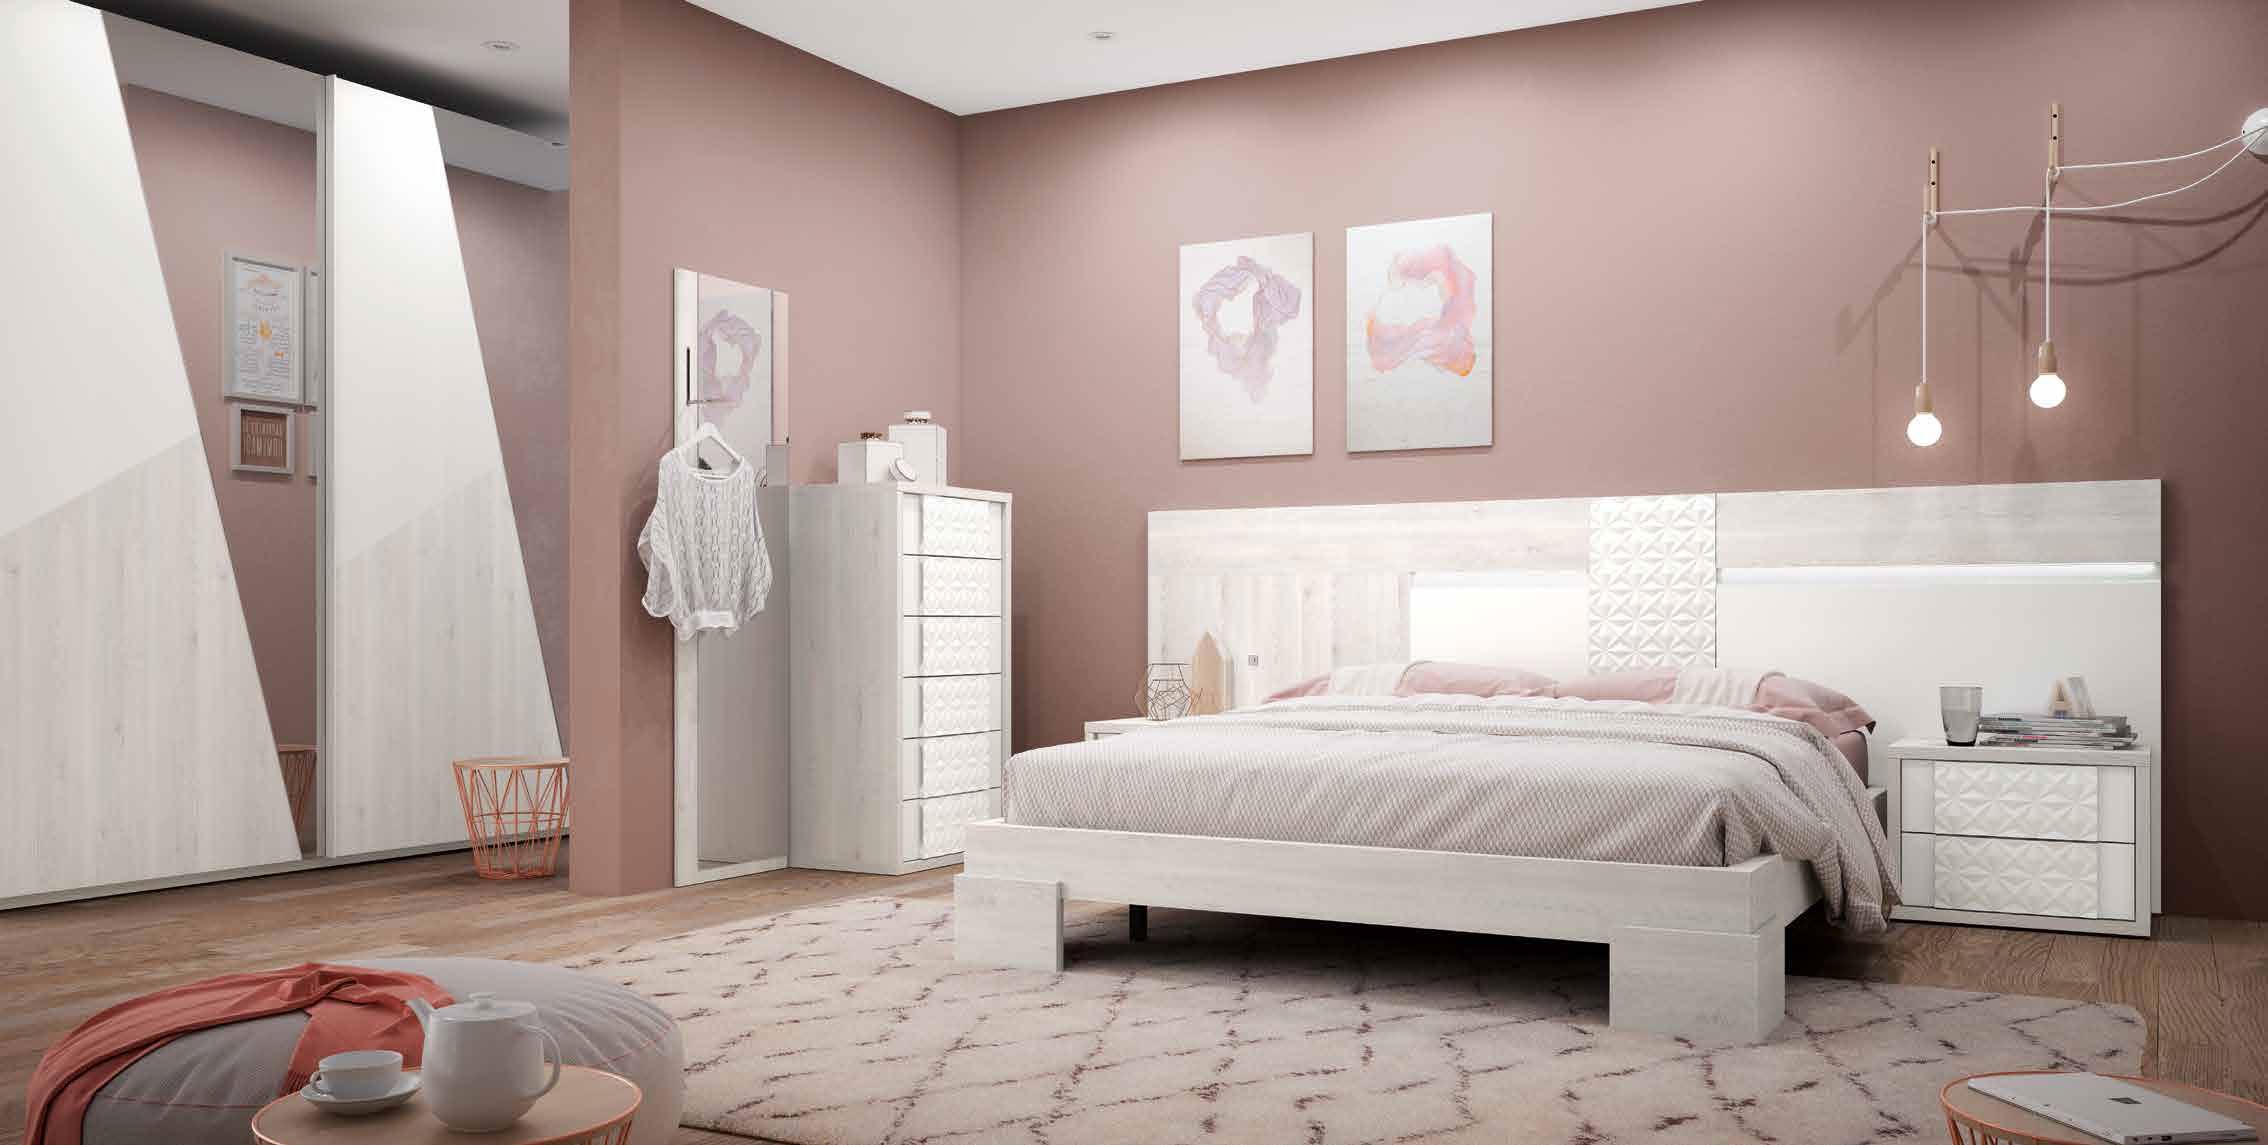 creta-dormitorio-lencas-19